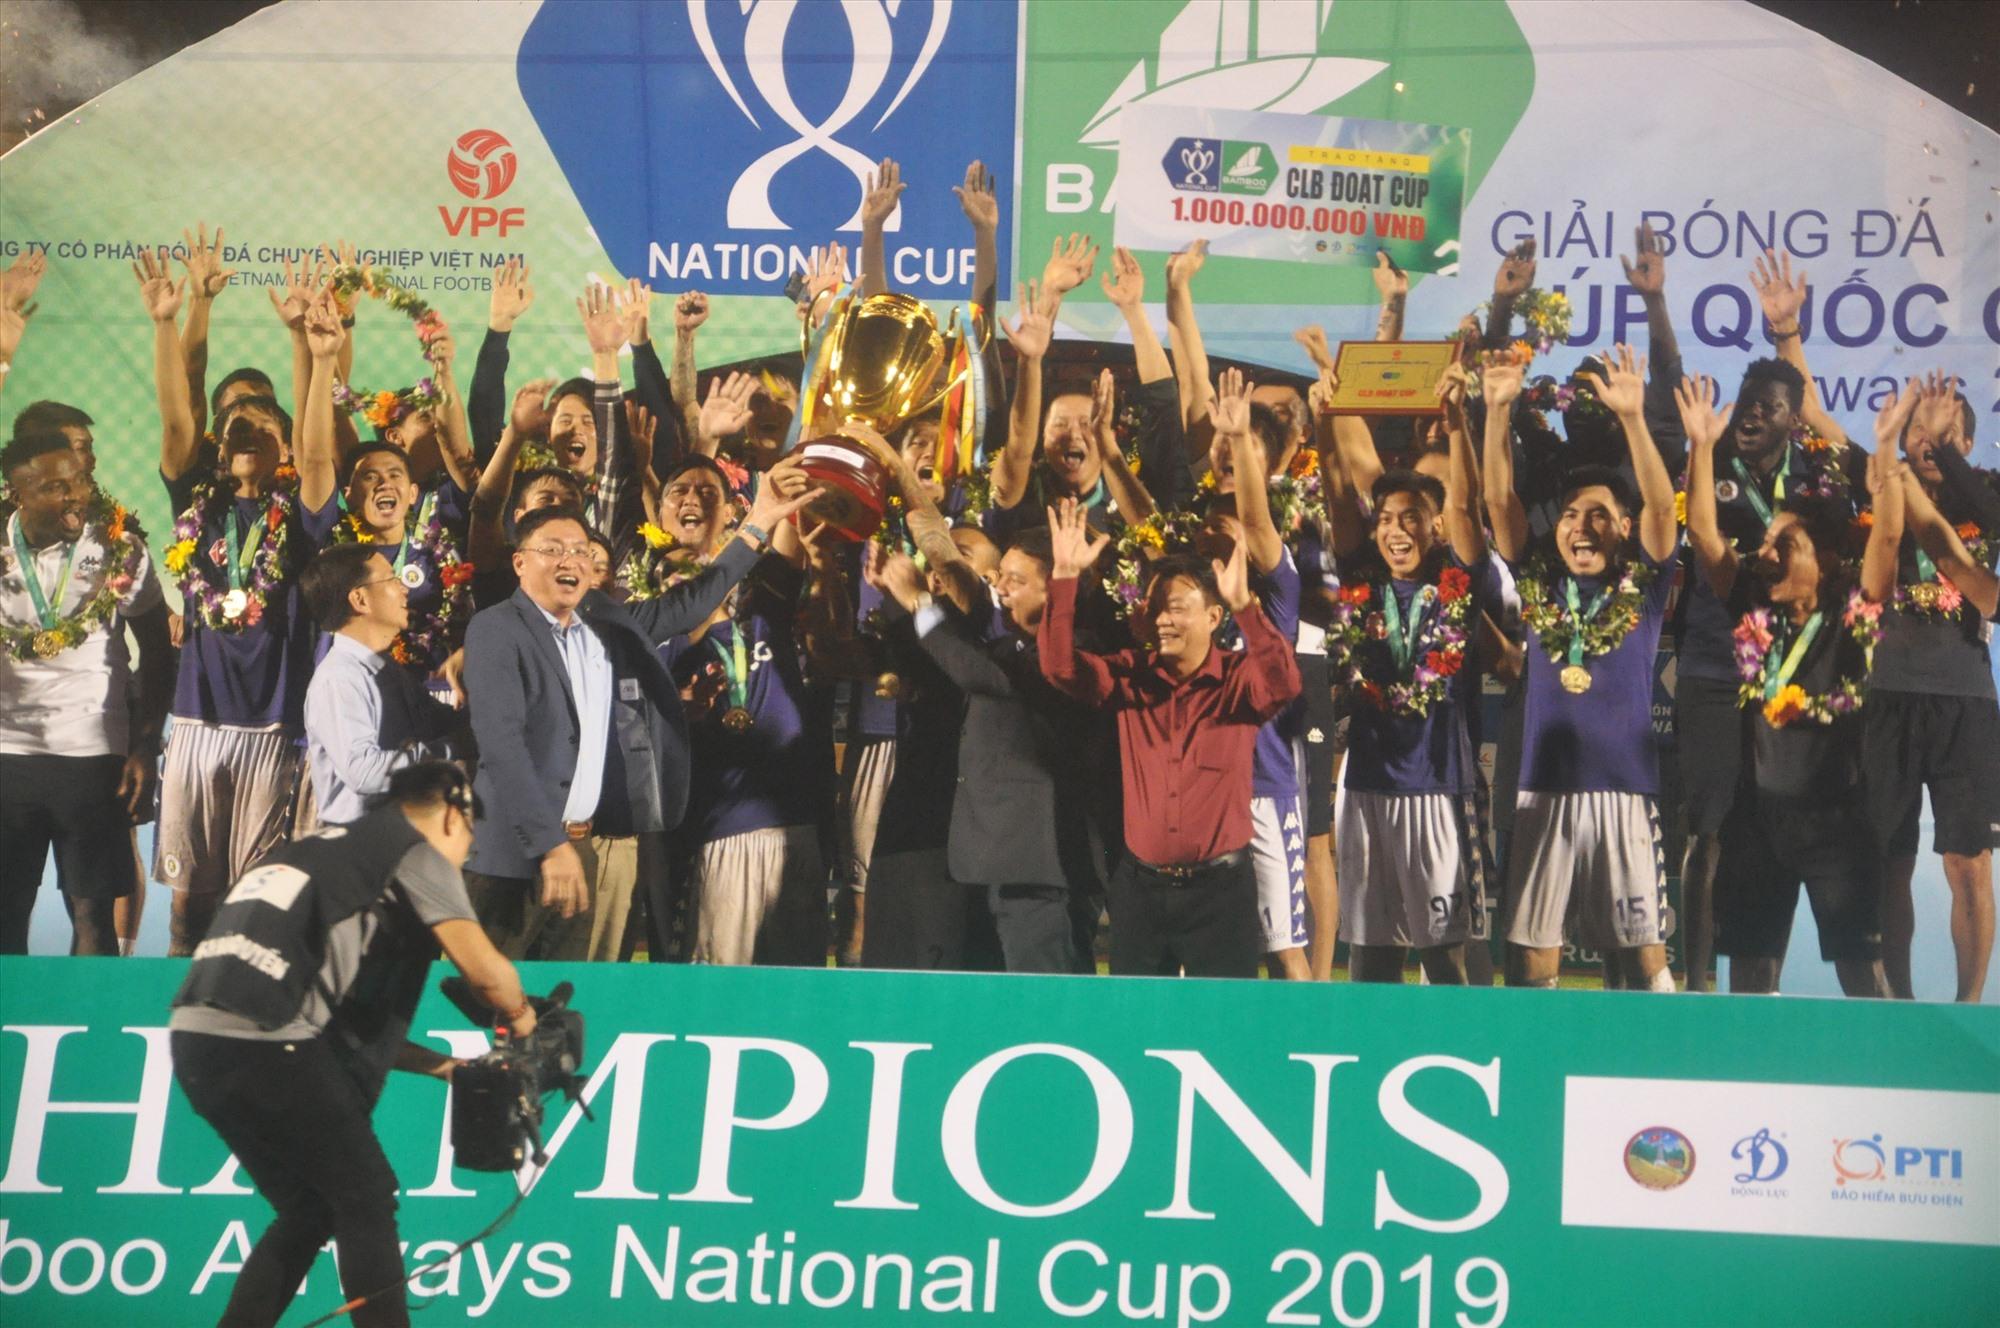 Hà Nội là ứng cử viên số một cho danh hiệu vô địch V-League 2020. Ảnh: T.V